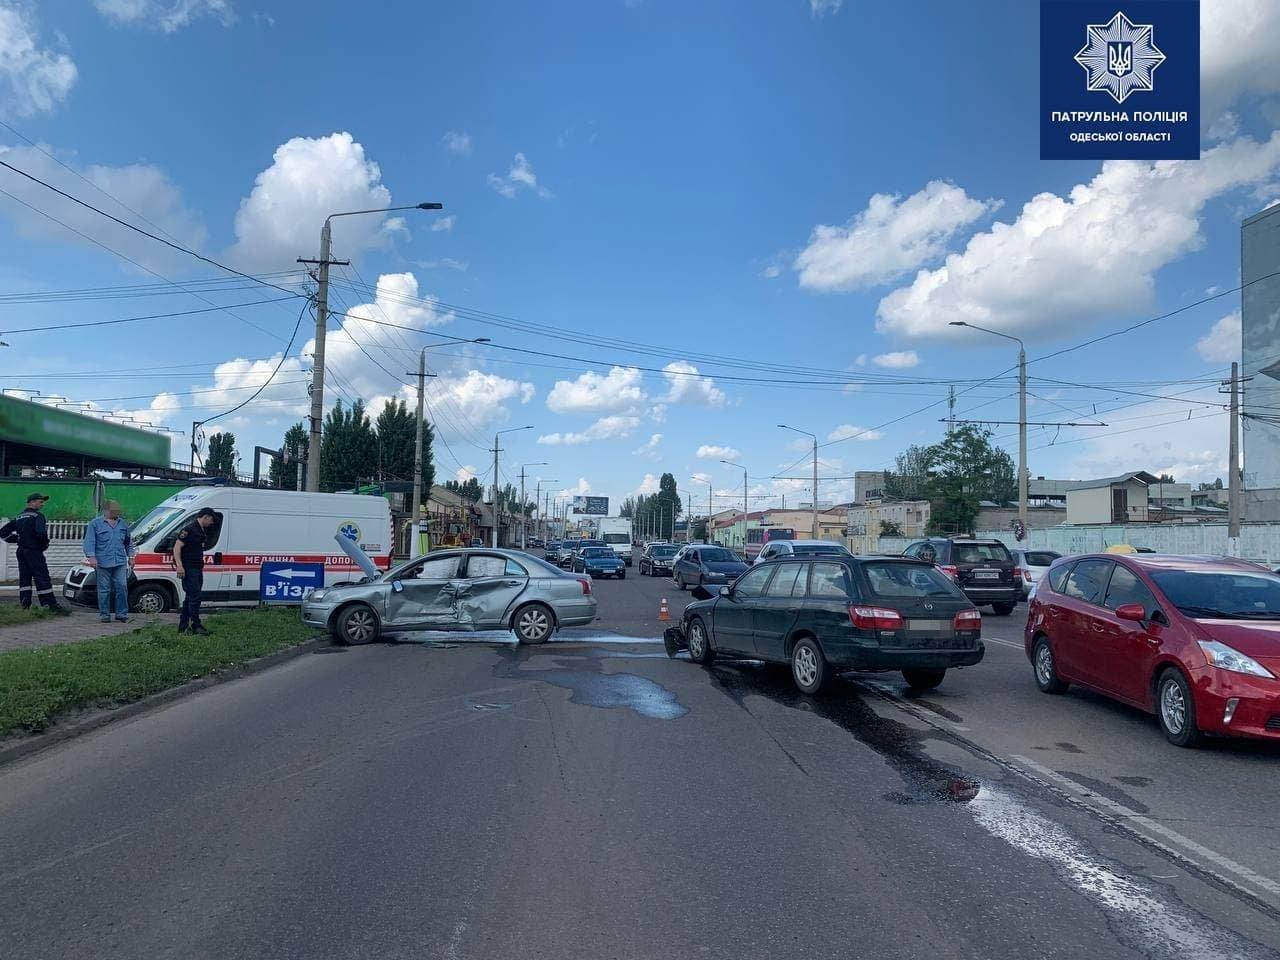 В Одессе столкнулись два автомобиля, есть пострадавший, - ФОТО, фото-1